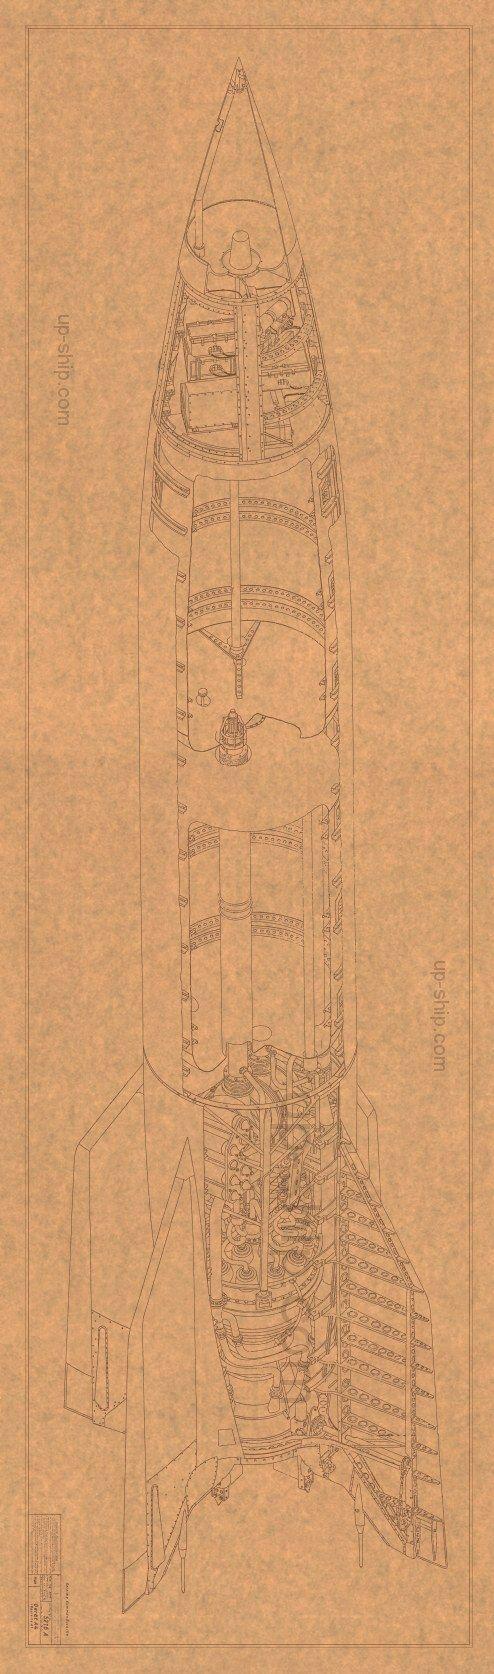 V-2 (A-4) rocket cutaway